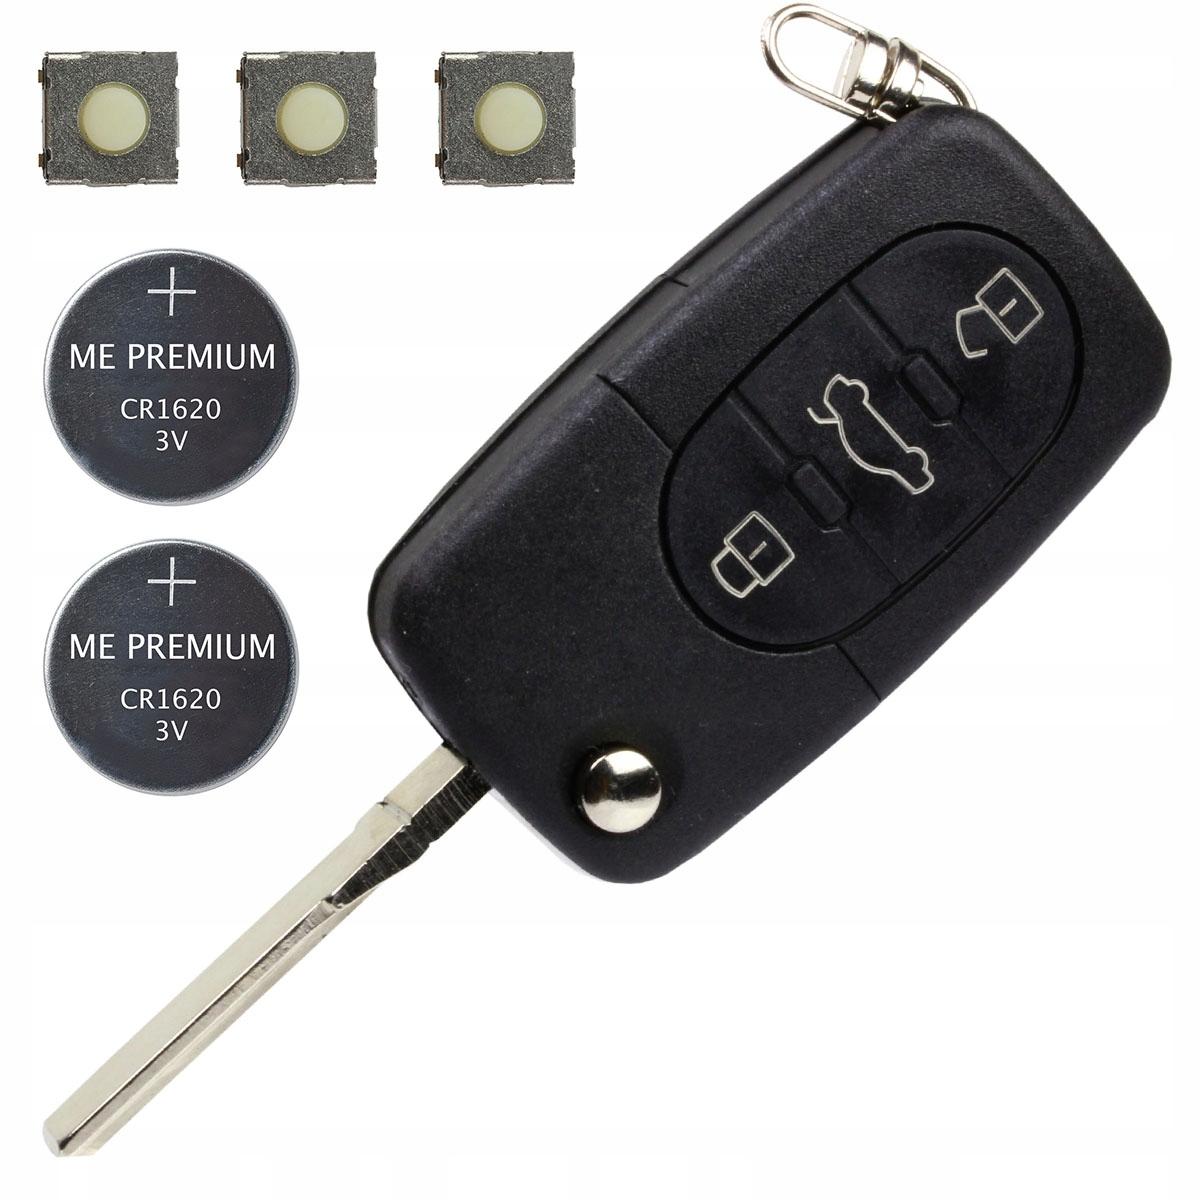 корпус ключа пульт vw audi аккумулятор кнопки